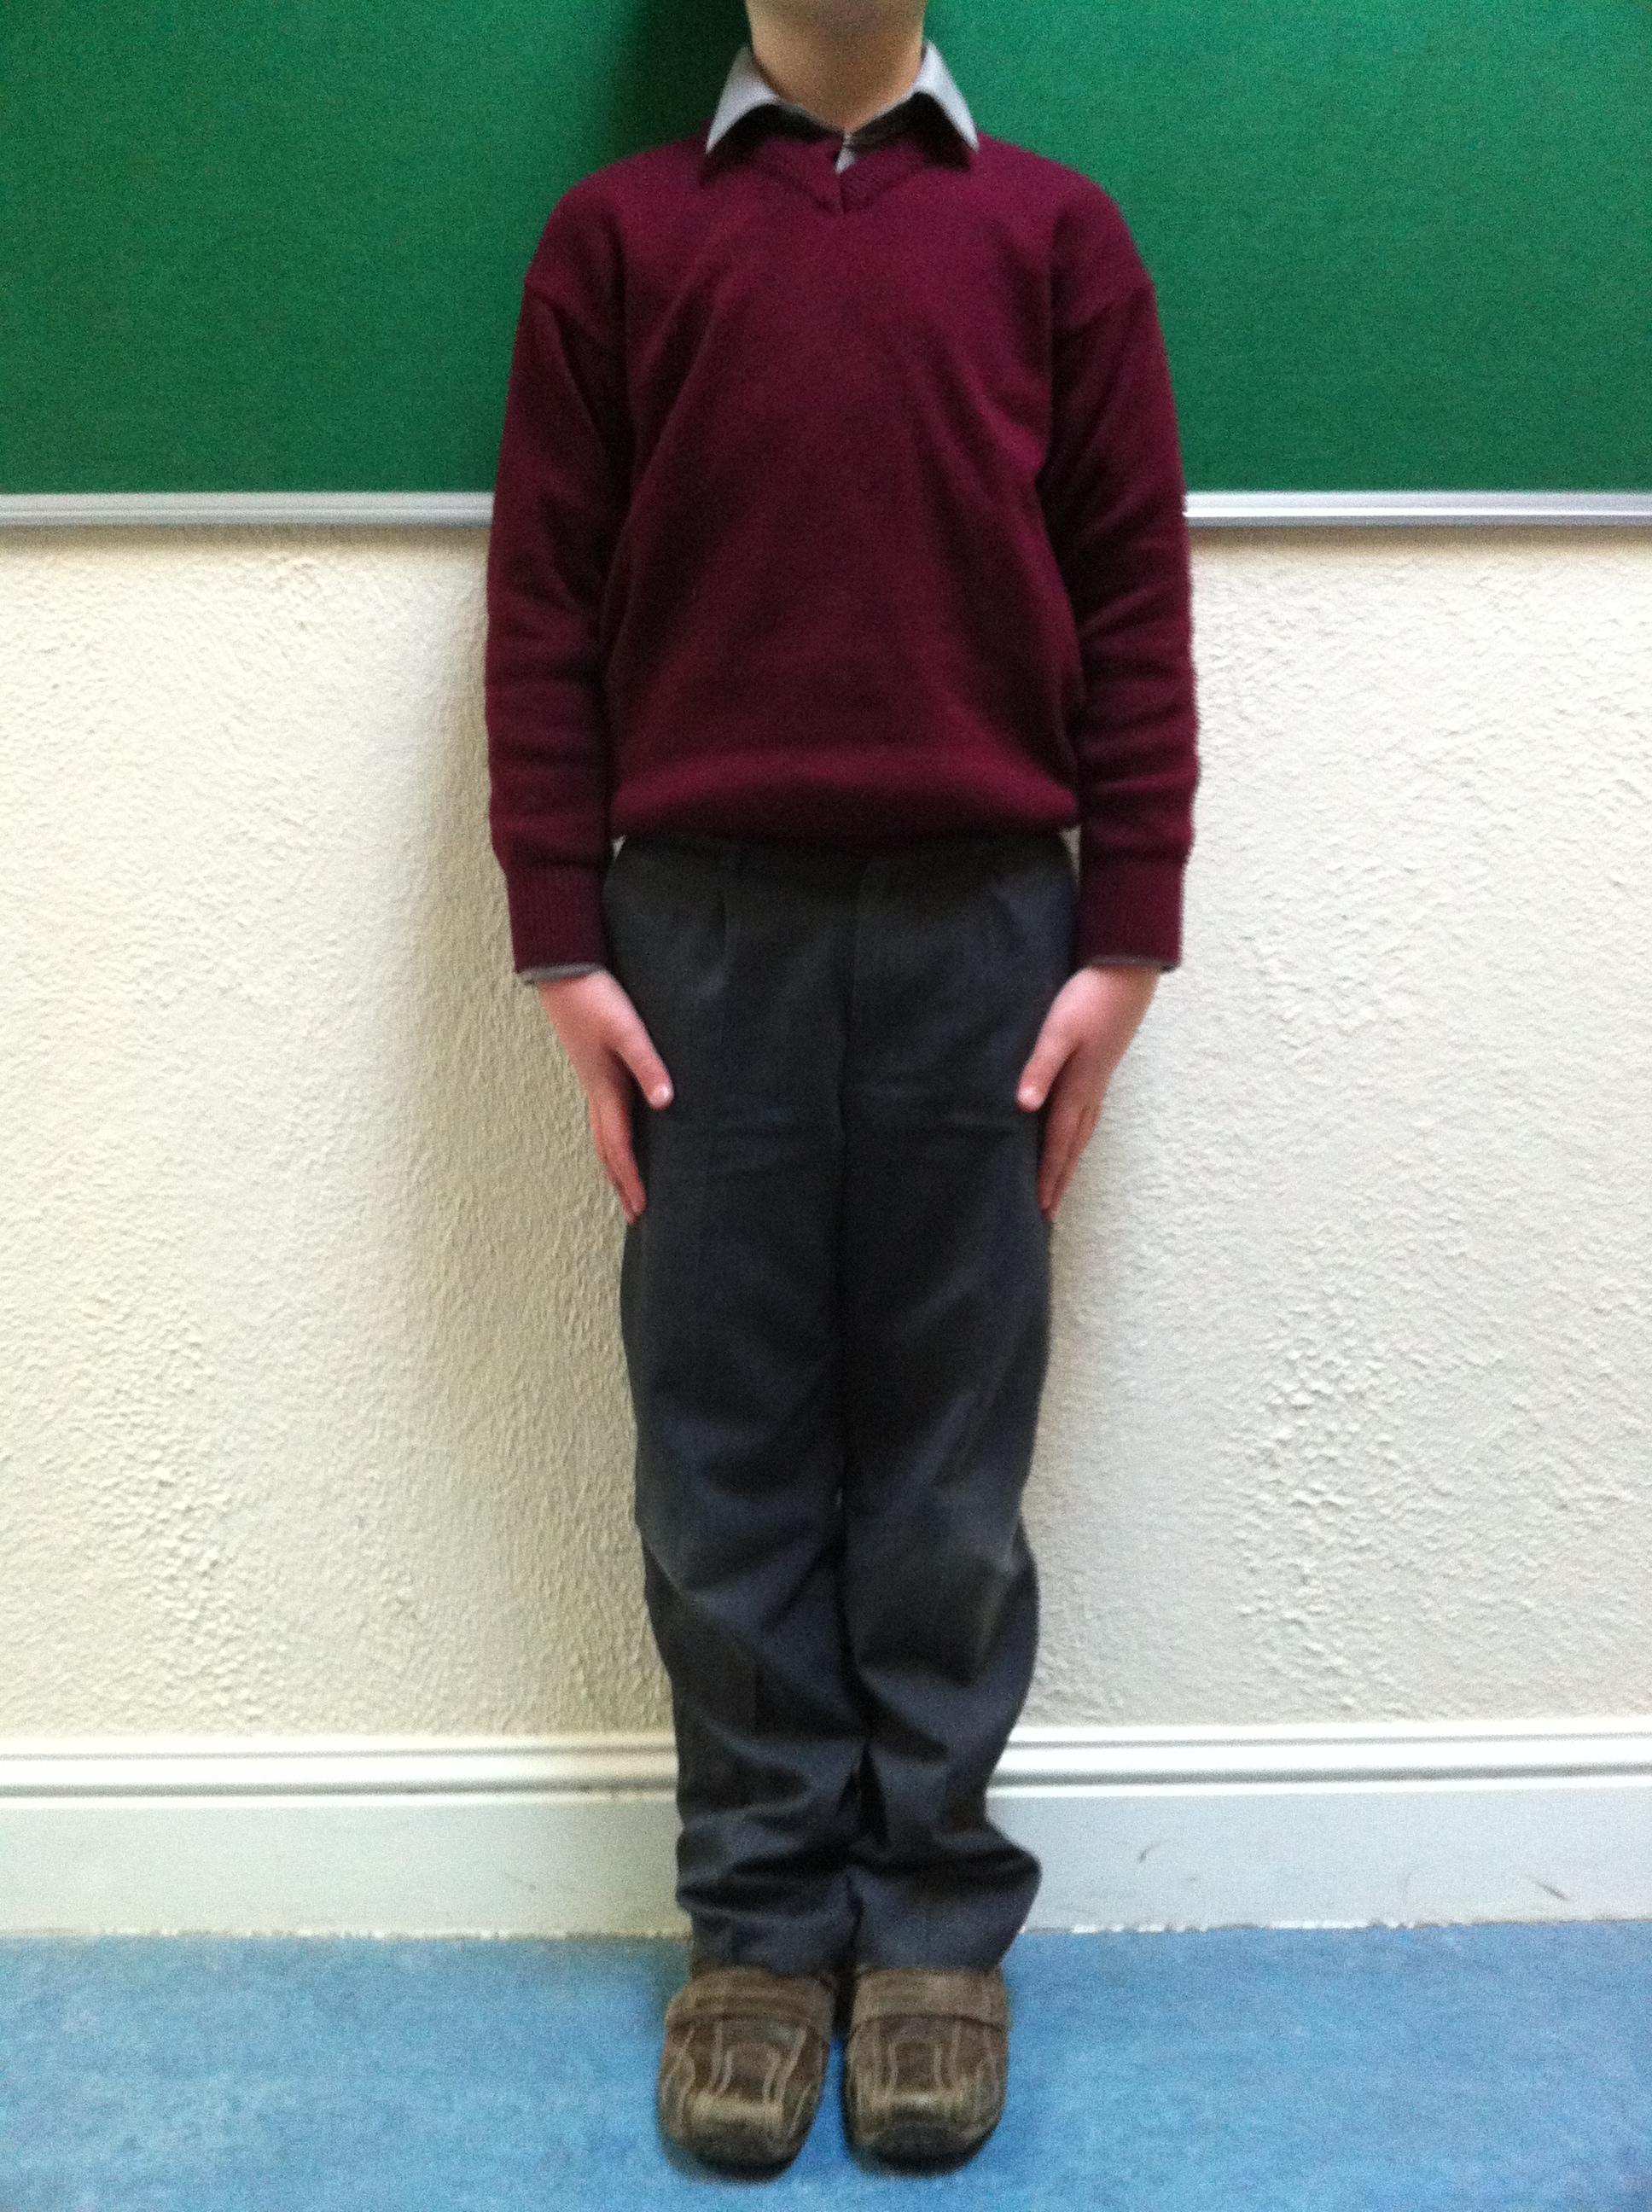 School photos for website 039